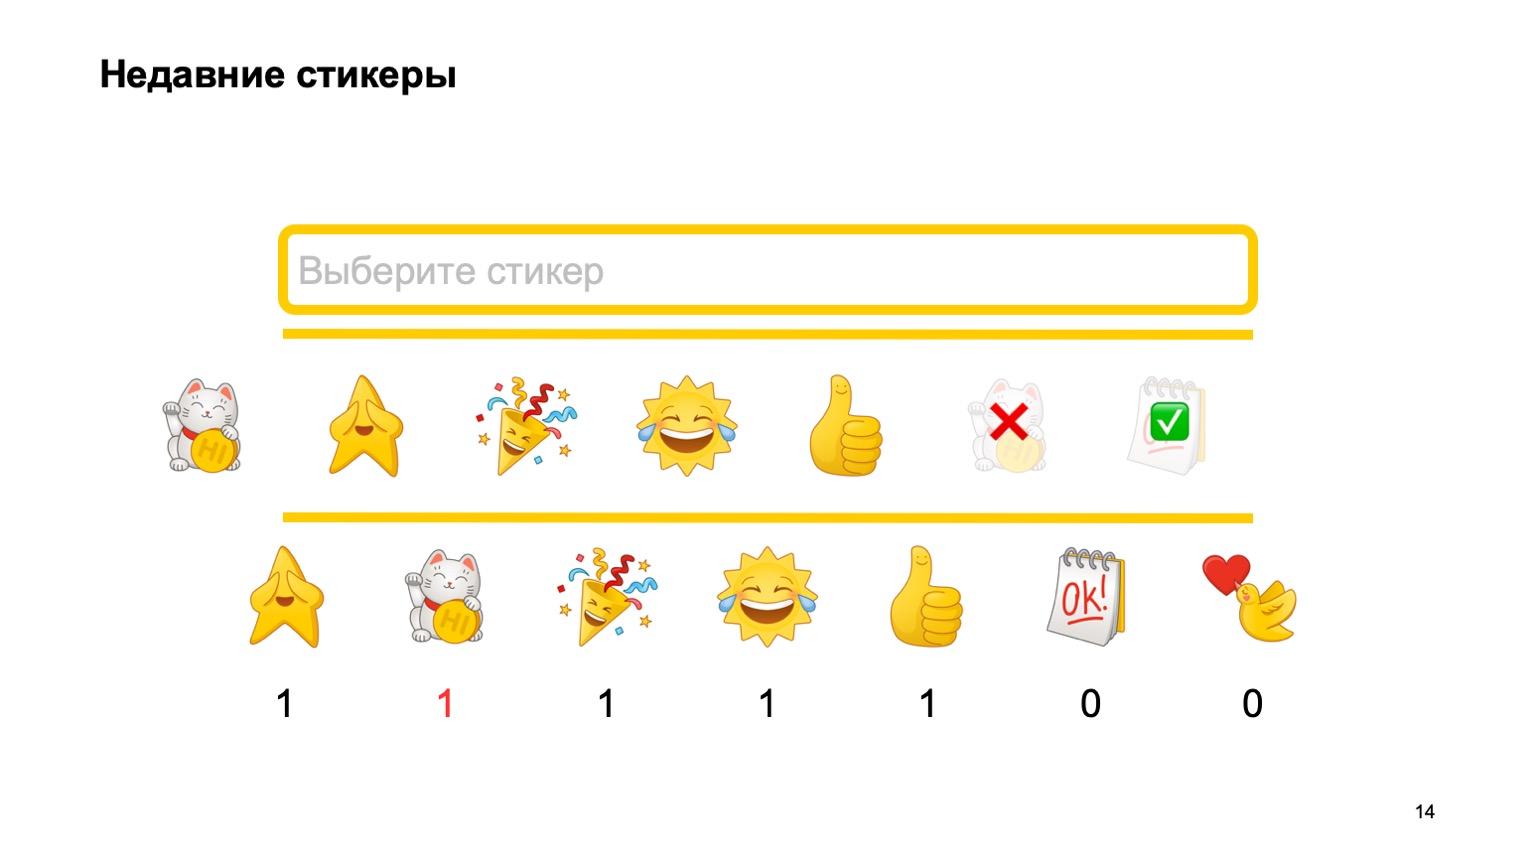 Мобильная разработка — это просто и скучно? Доклад Яндекса - 13